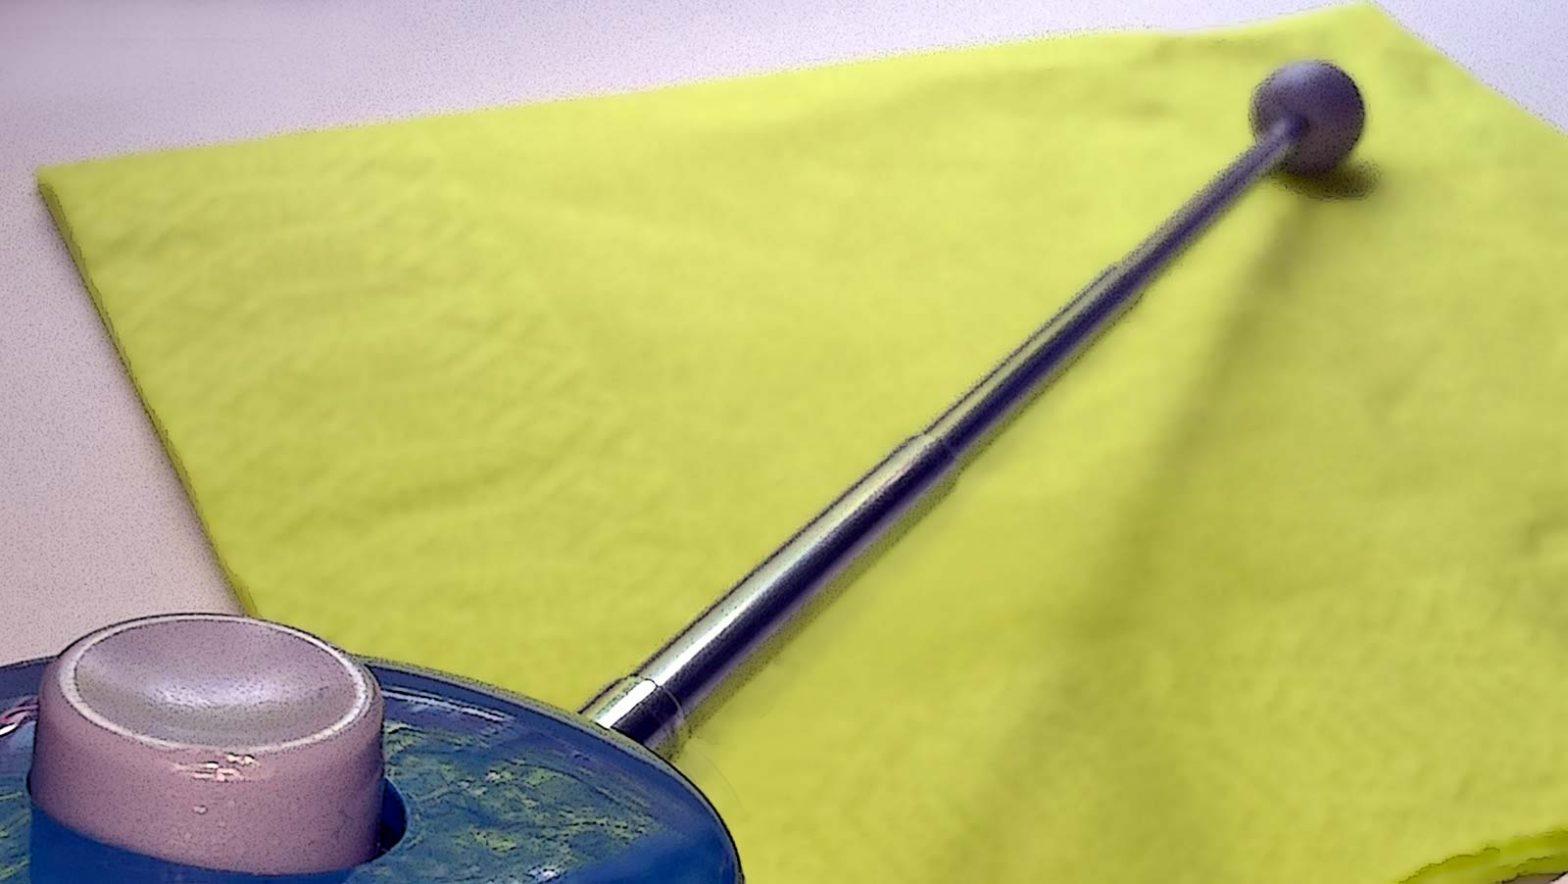 Luzis Targetstick mit Clicker